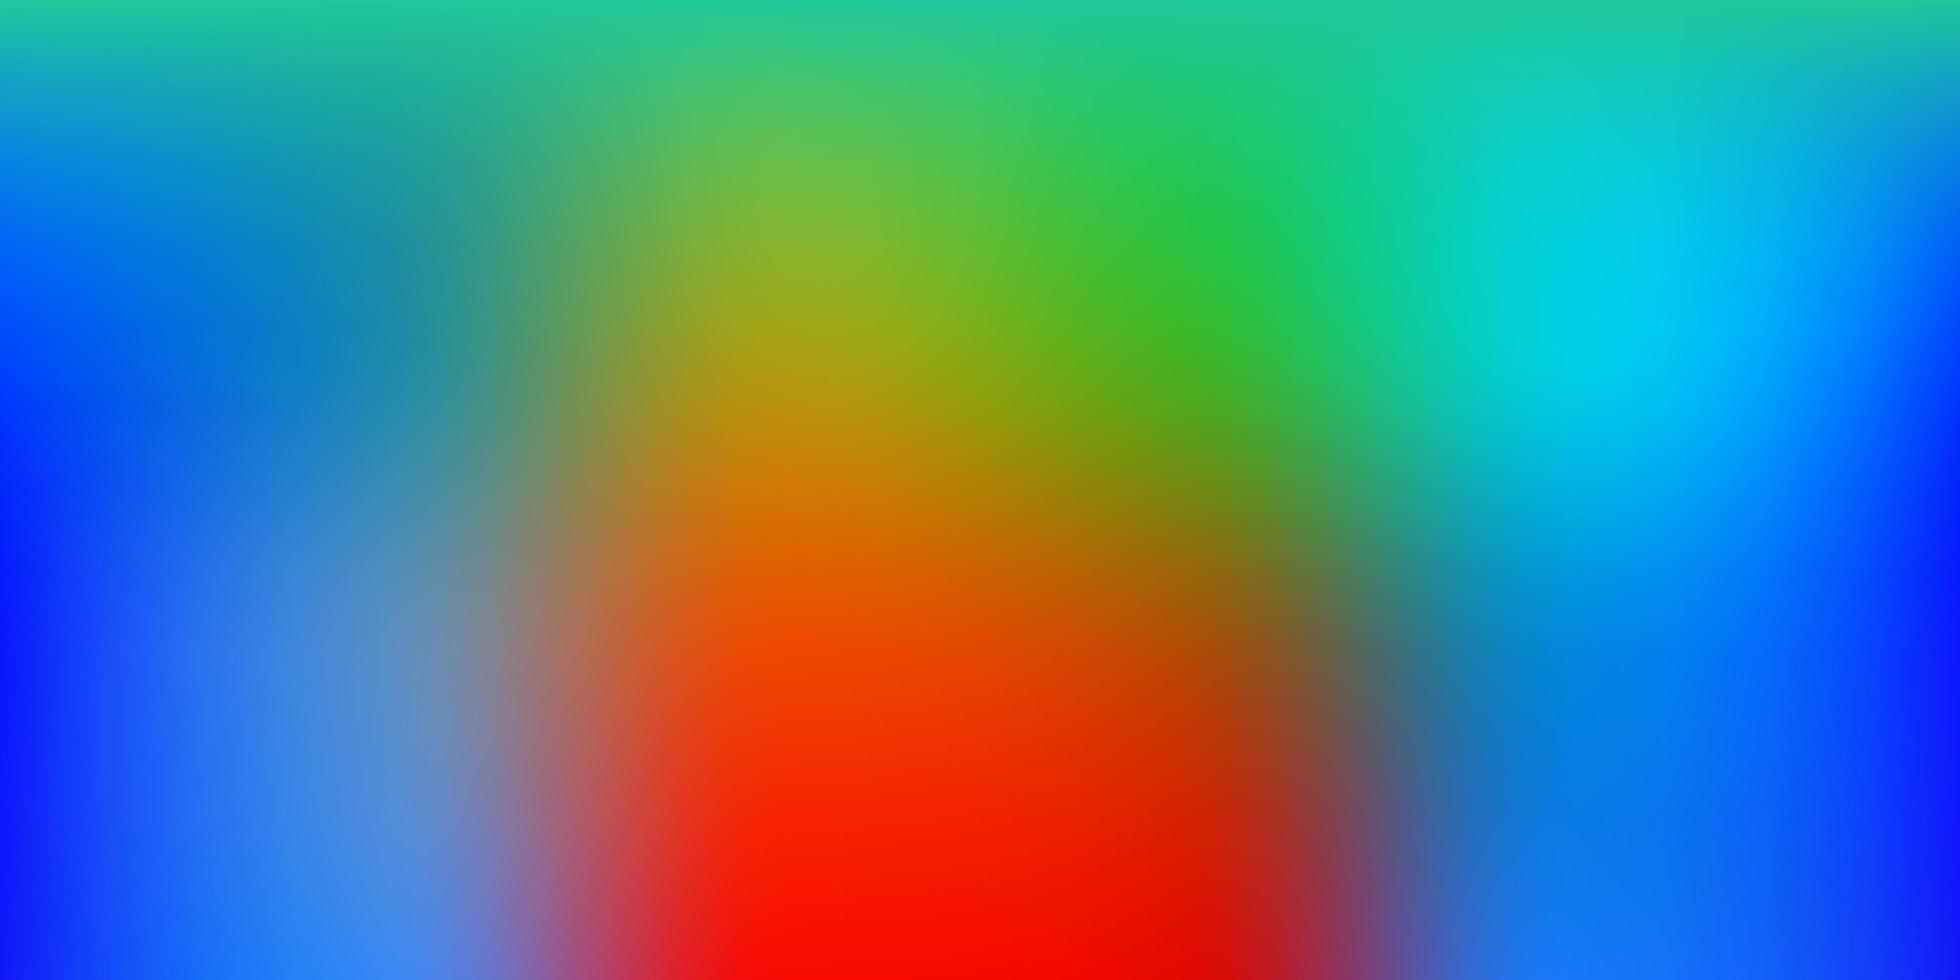 heller mehrfarbiger Vektor unscharfer Hintergrund.